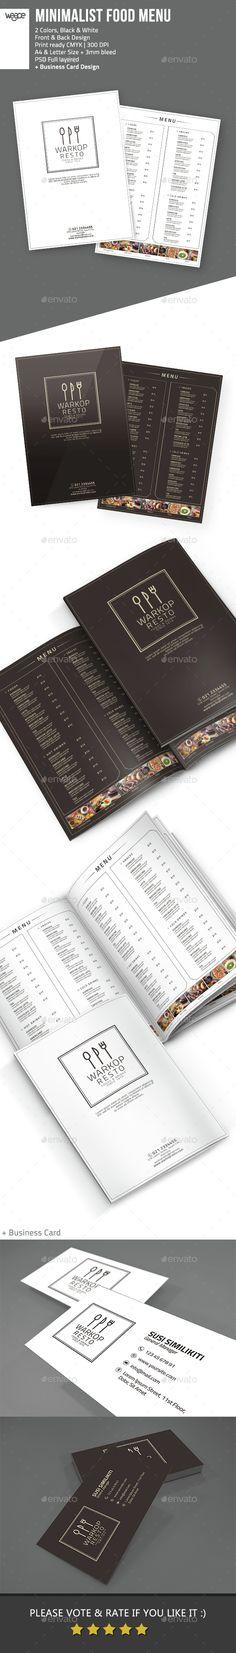 Minimalist Food Menu  #brochure #burger #business card #cafe #cafe flyer #cafe menu #cocktail #drink #$9